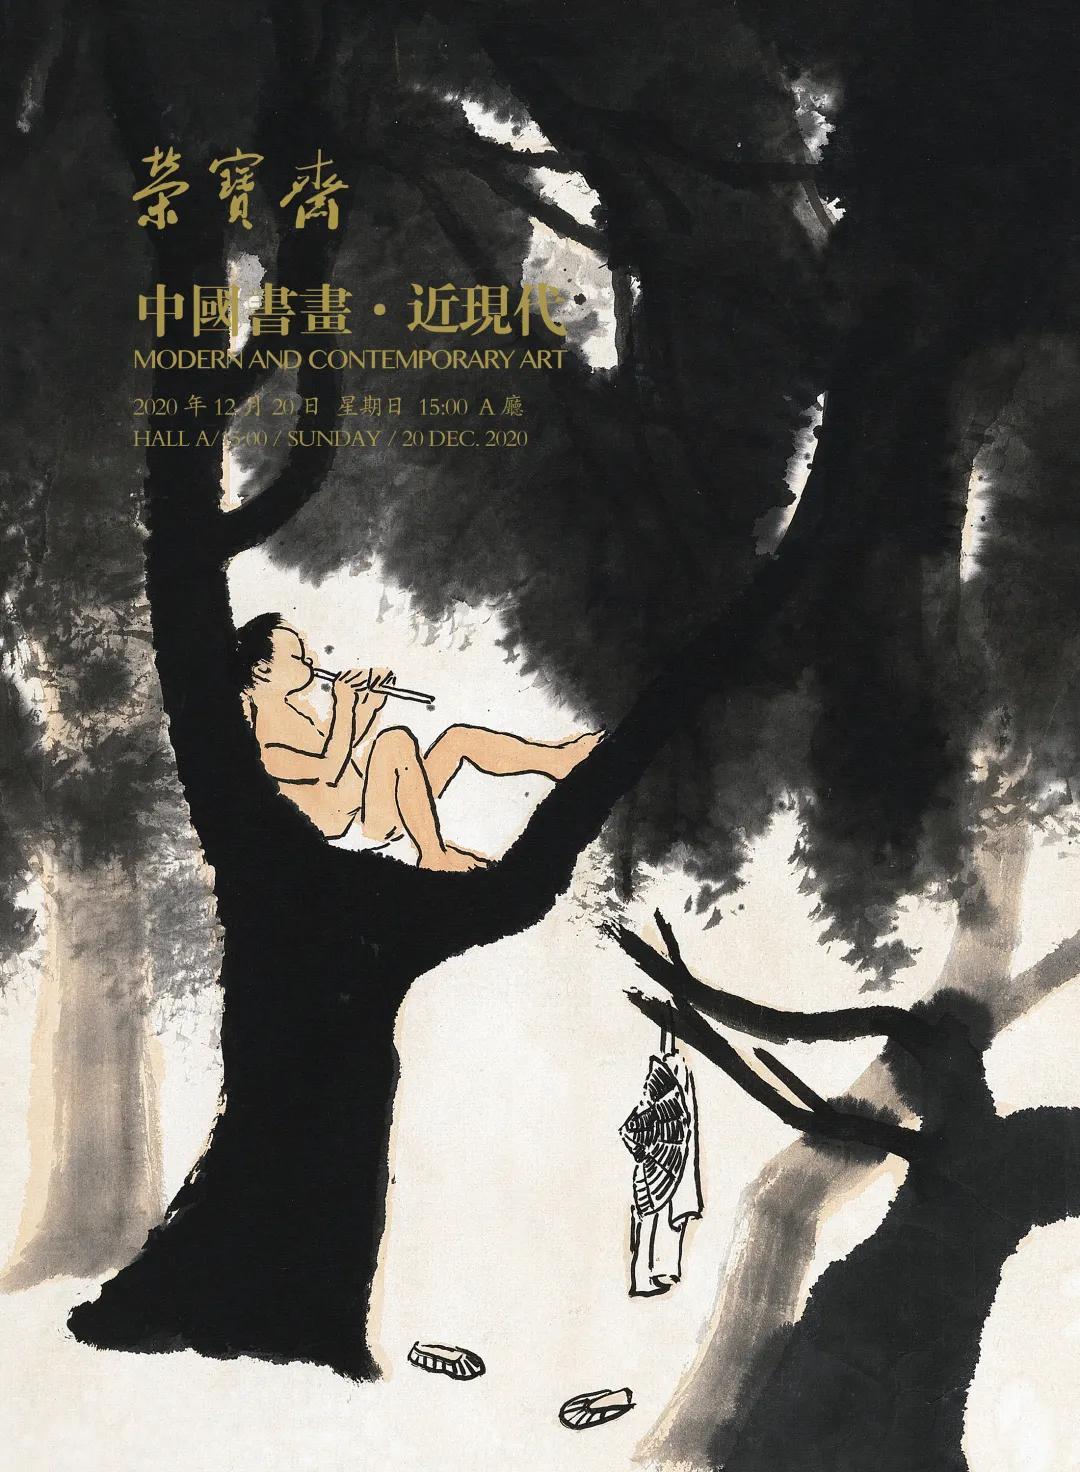 「北京荣宝2020秋拍 」预展第二天